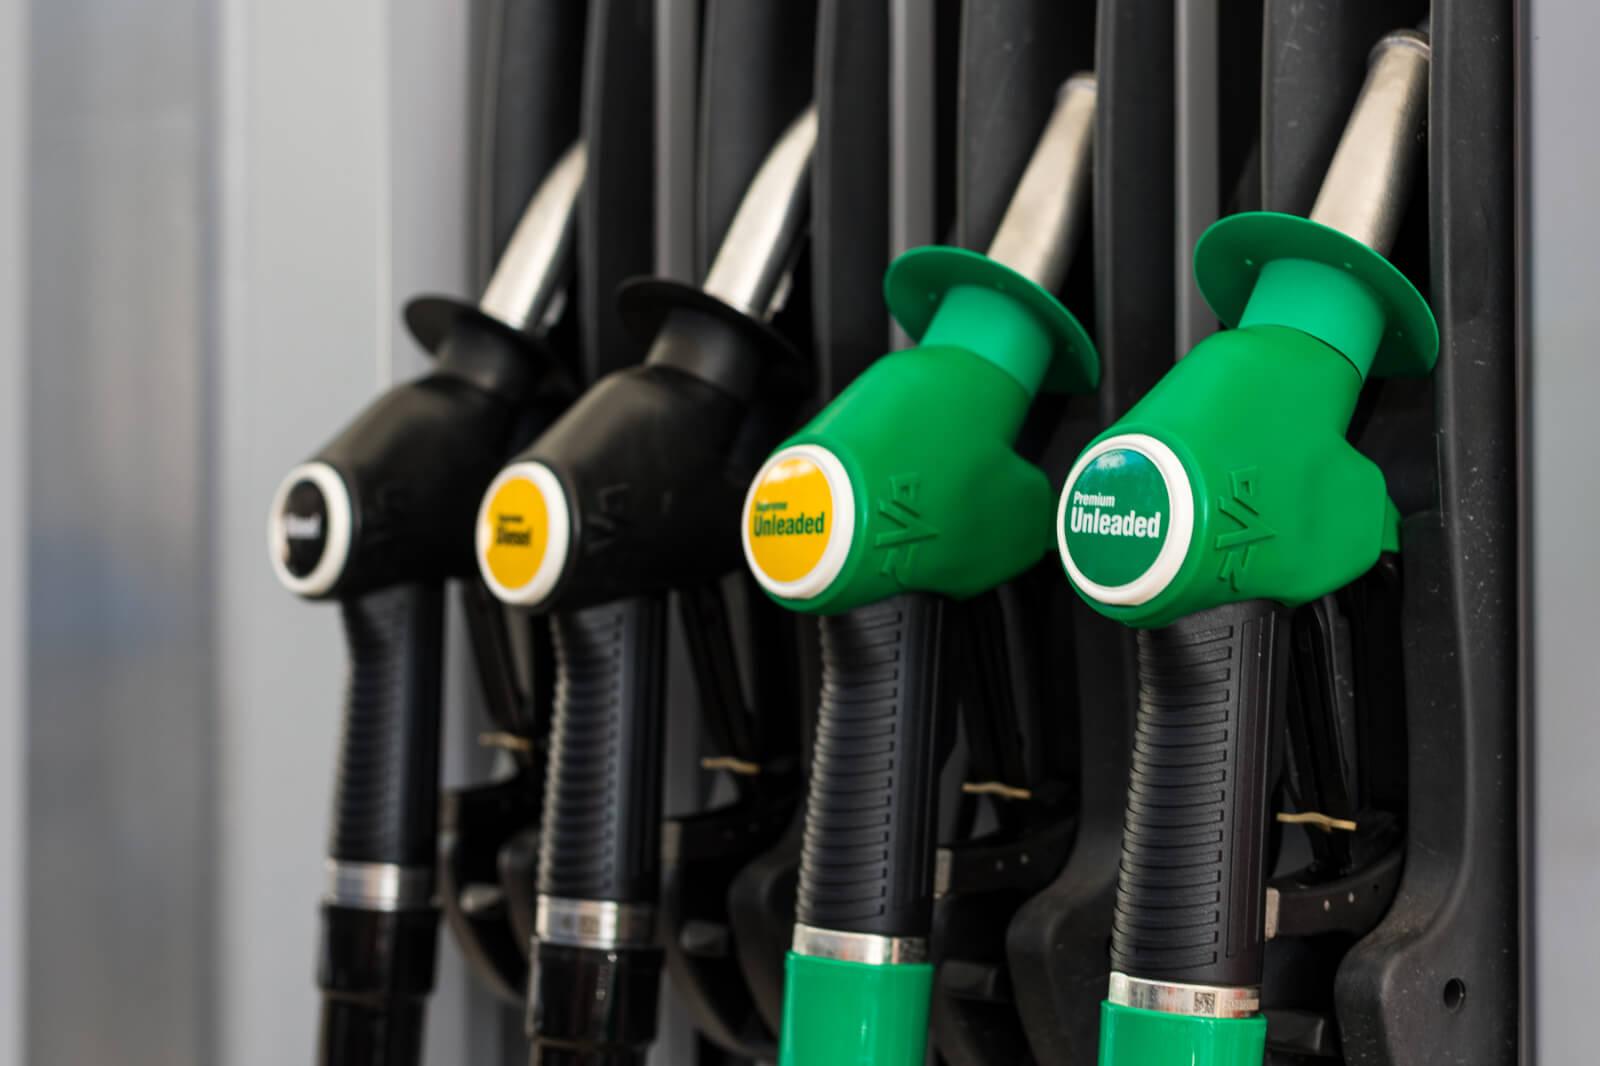 Ascona fuel pumps The Green Pembroke